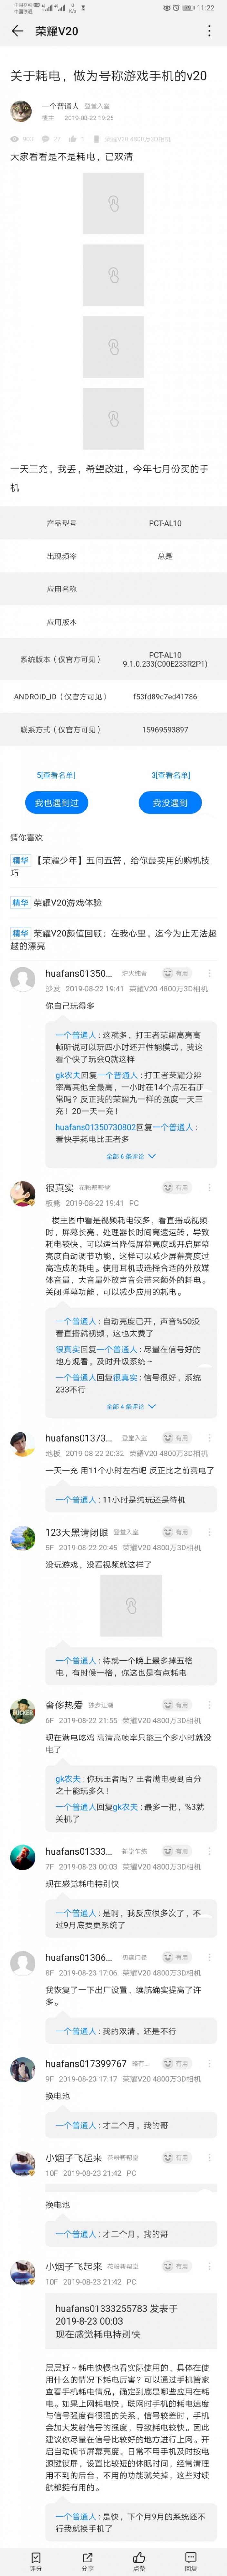 Screenshot_20190910_112208_com.huawei.fans.jpg